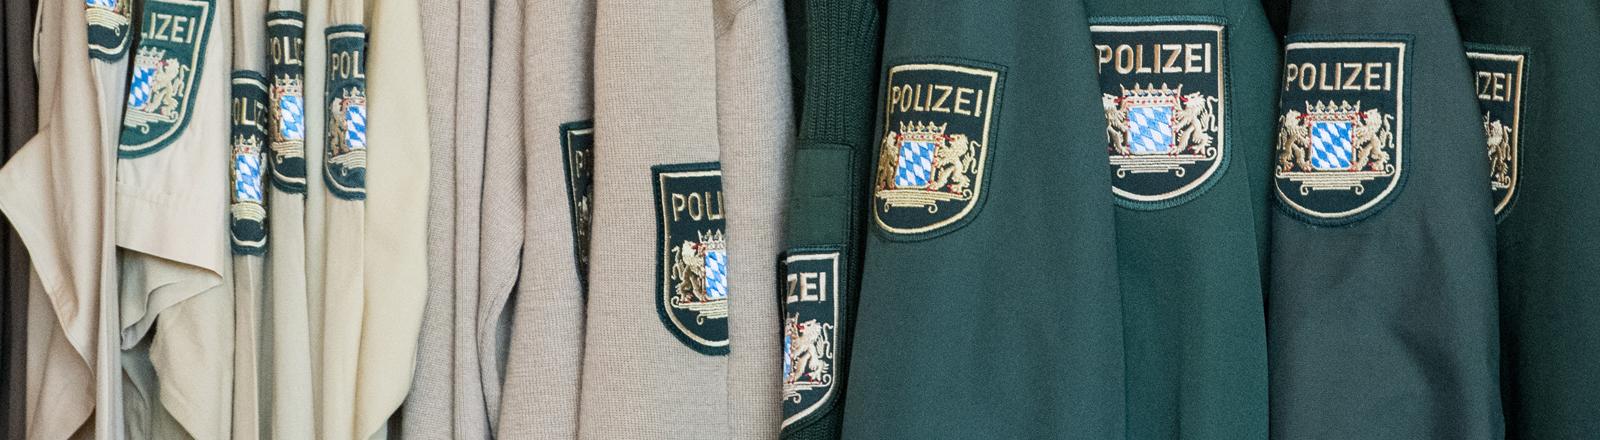 Alte Polizeiuniformen hängen in Straubing an einer Garderobe.